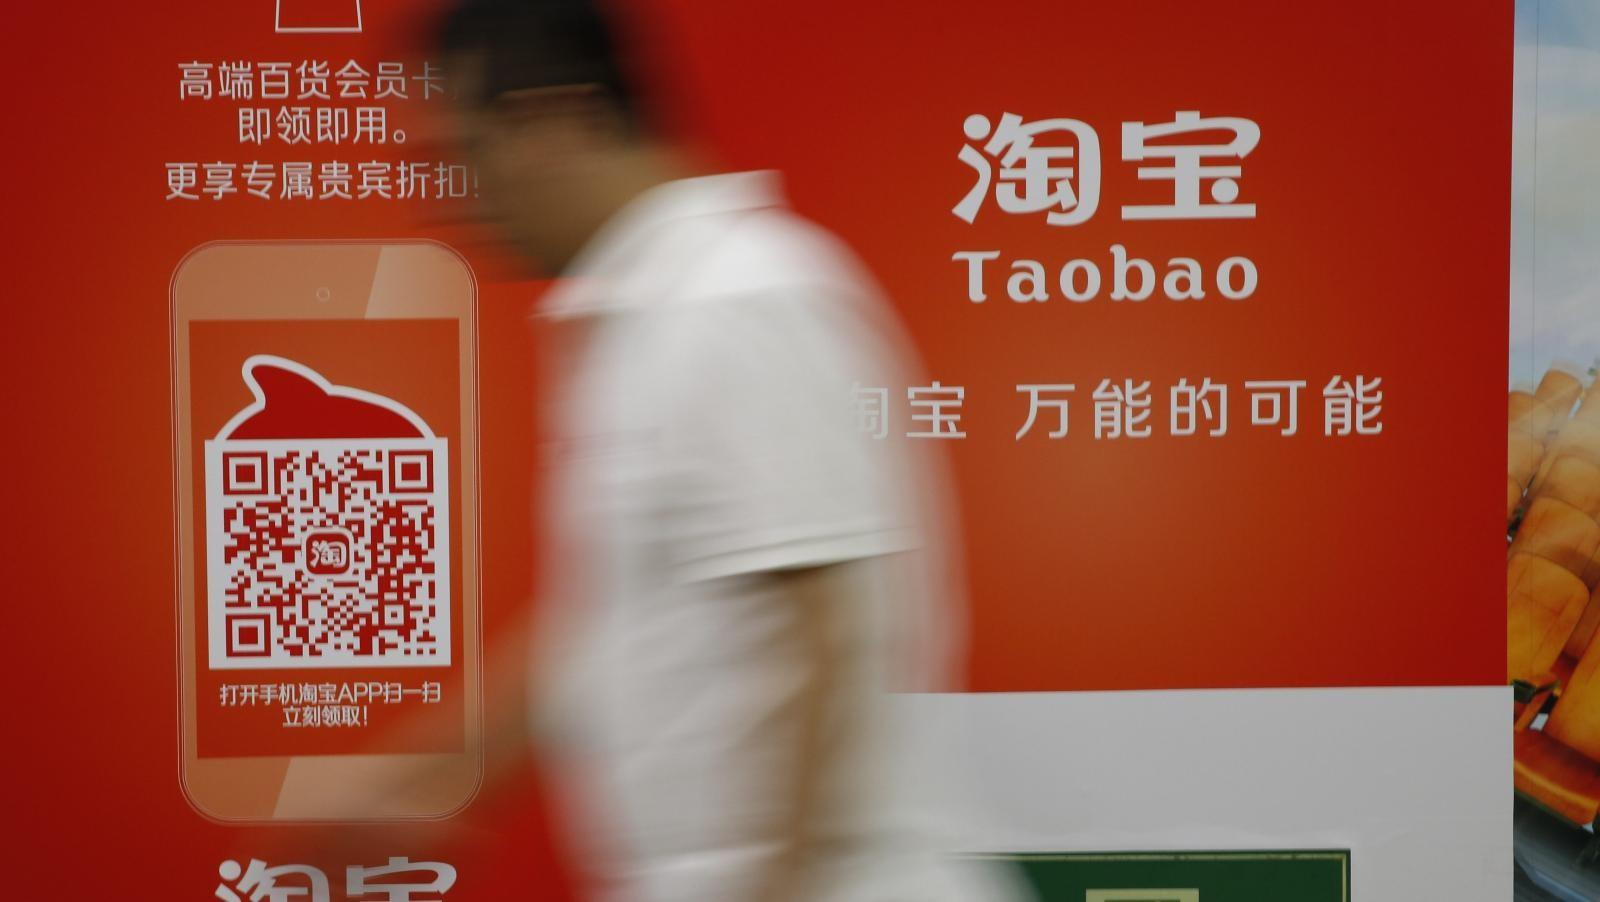 对经济减速忧虑过度?中国或很快取代美国成为最大零售市场_图1-4